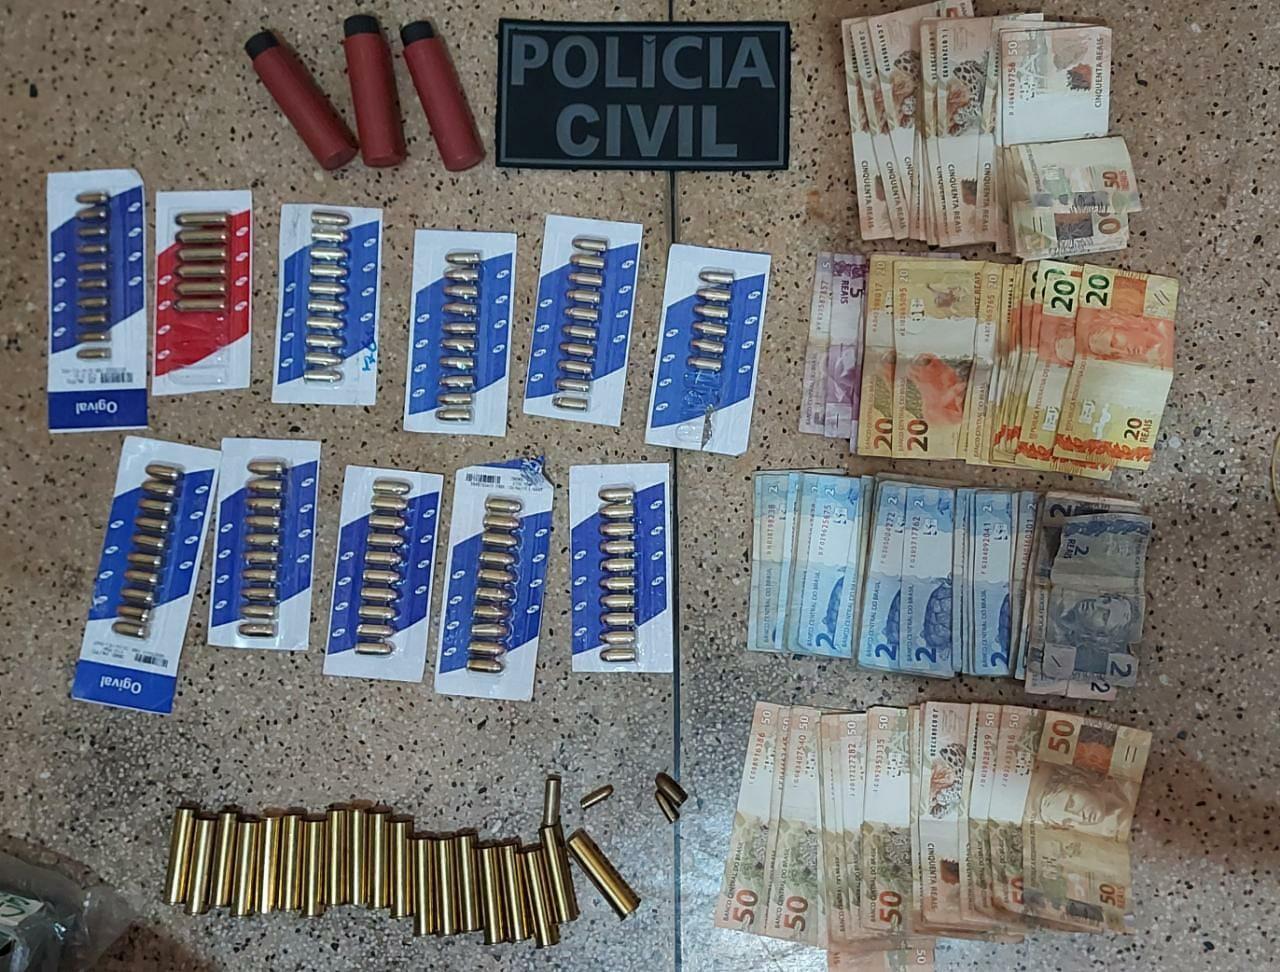 Operação que combate furtos de cargas em rodovias faz apreensões de produtos, munição e dinheiro em Placas